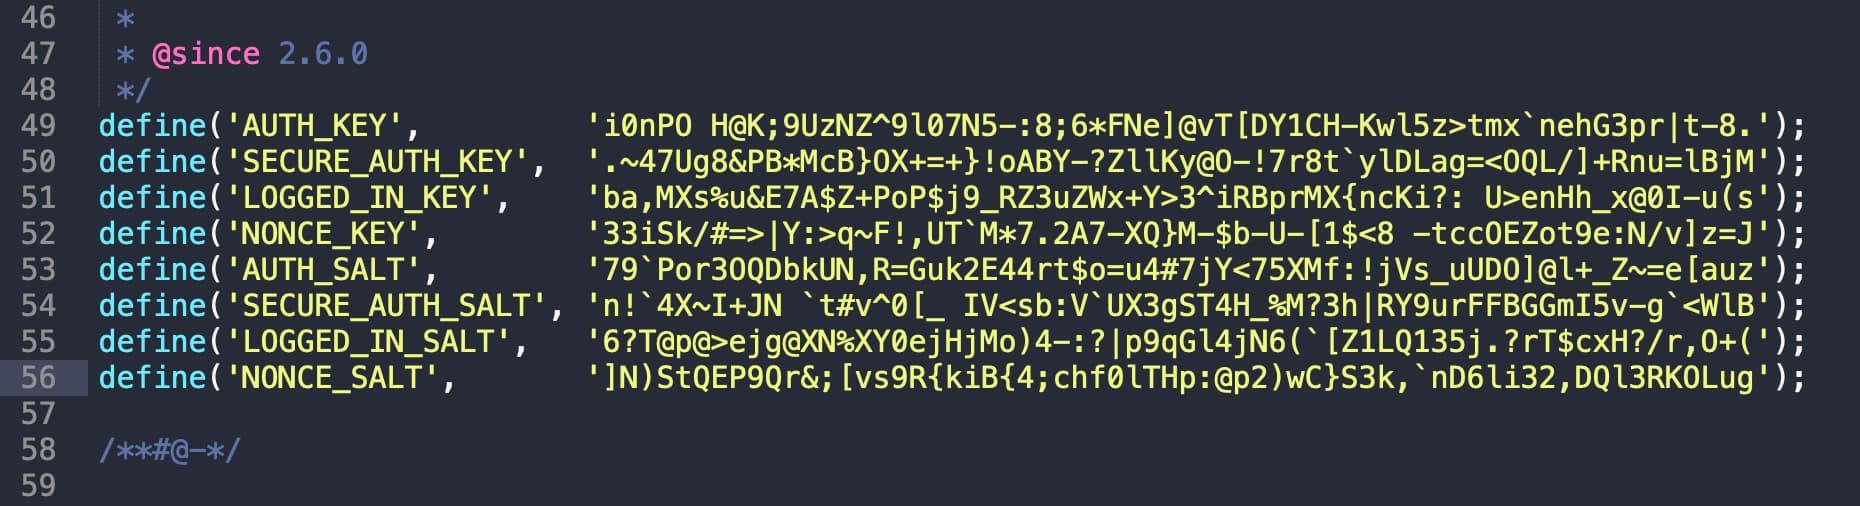 WordPress-Authentifizierungsschlüssel und -salts